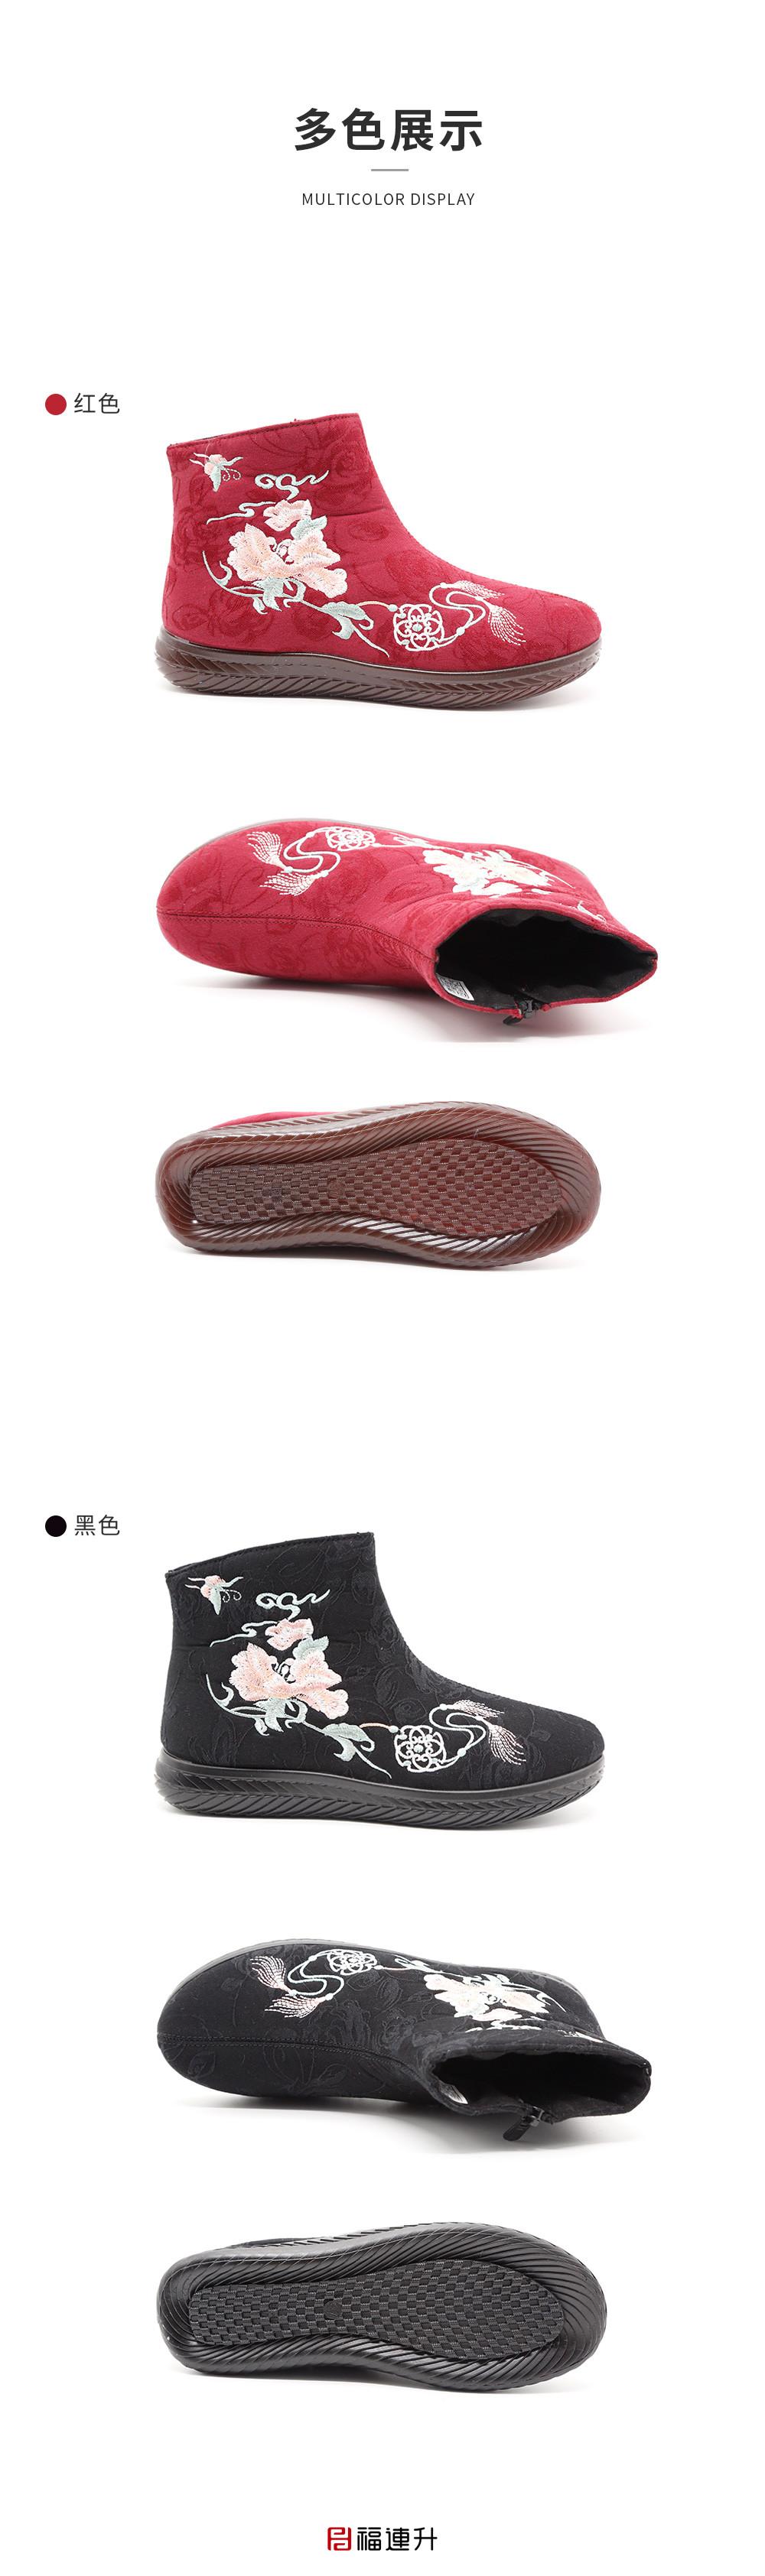 福连升老北京布鞋2020冬季新款民族风中国风绣花牛筋底保暖短靴图片